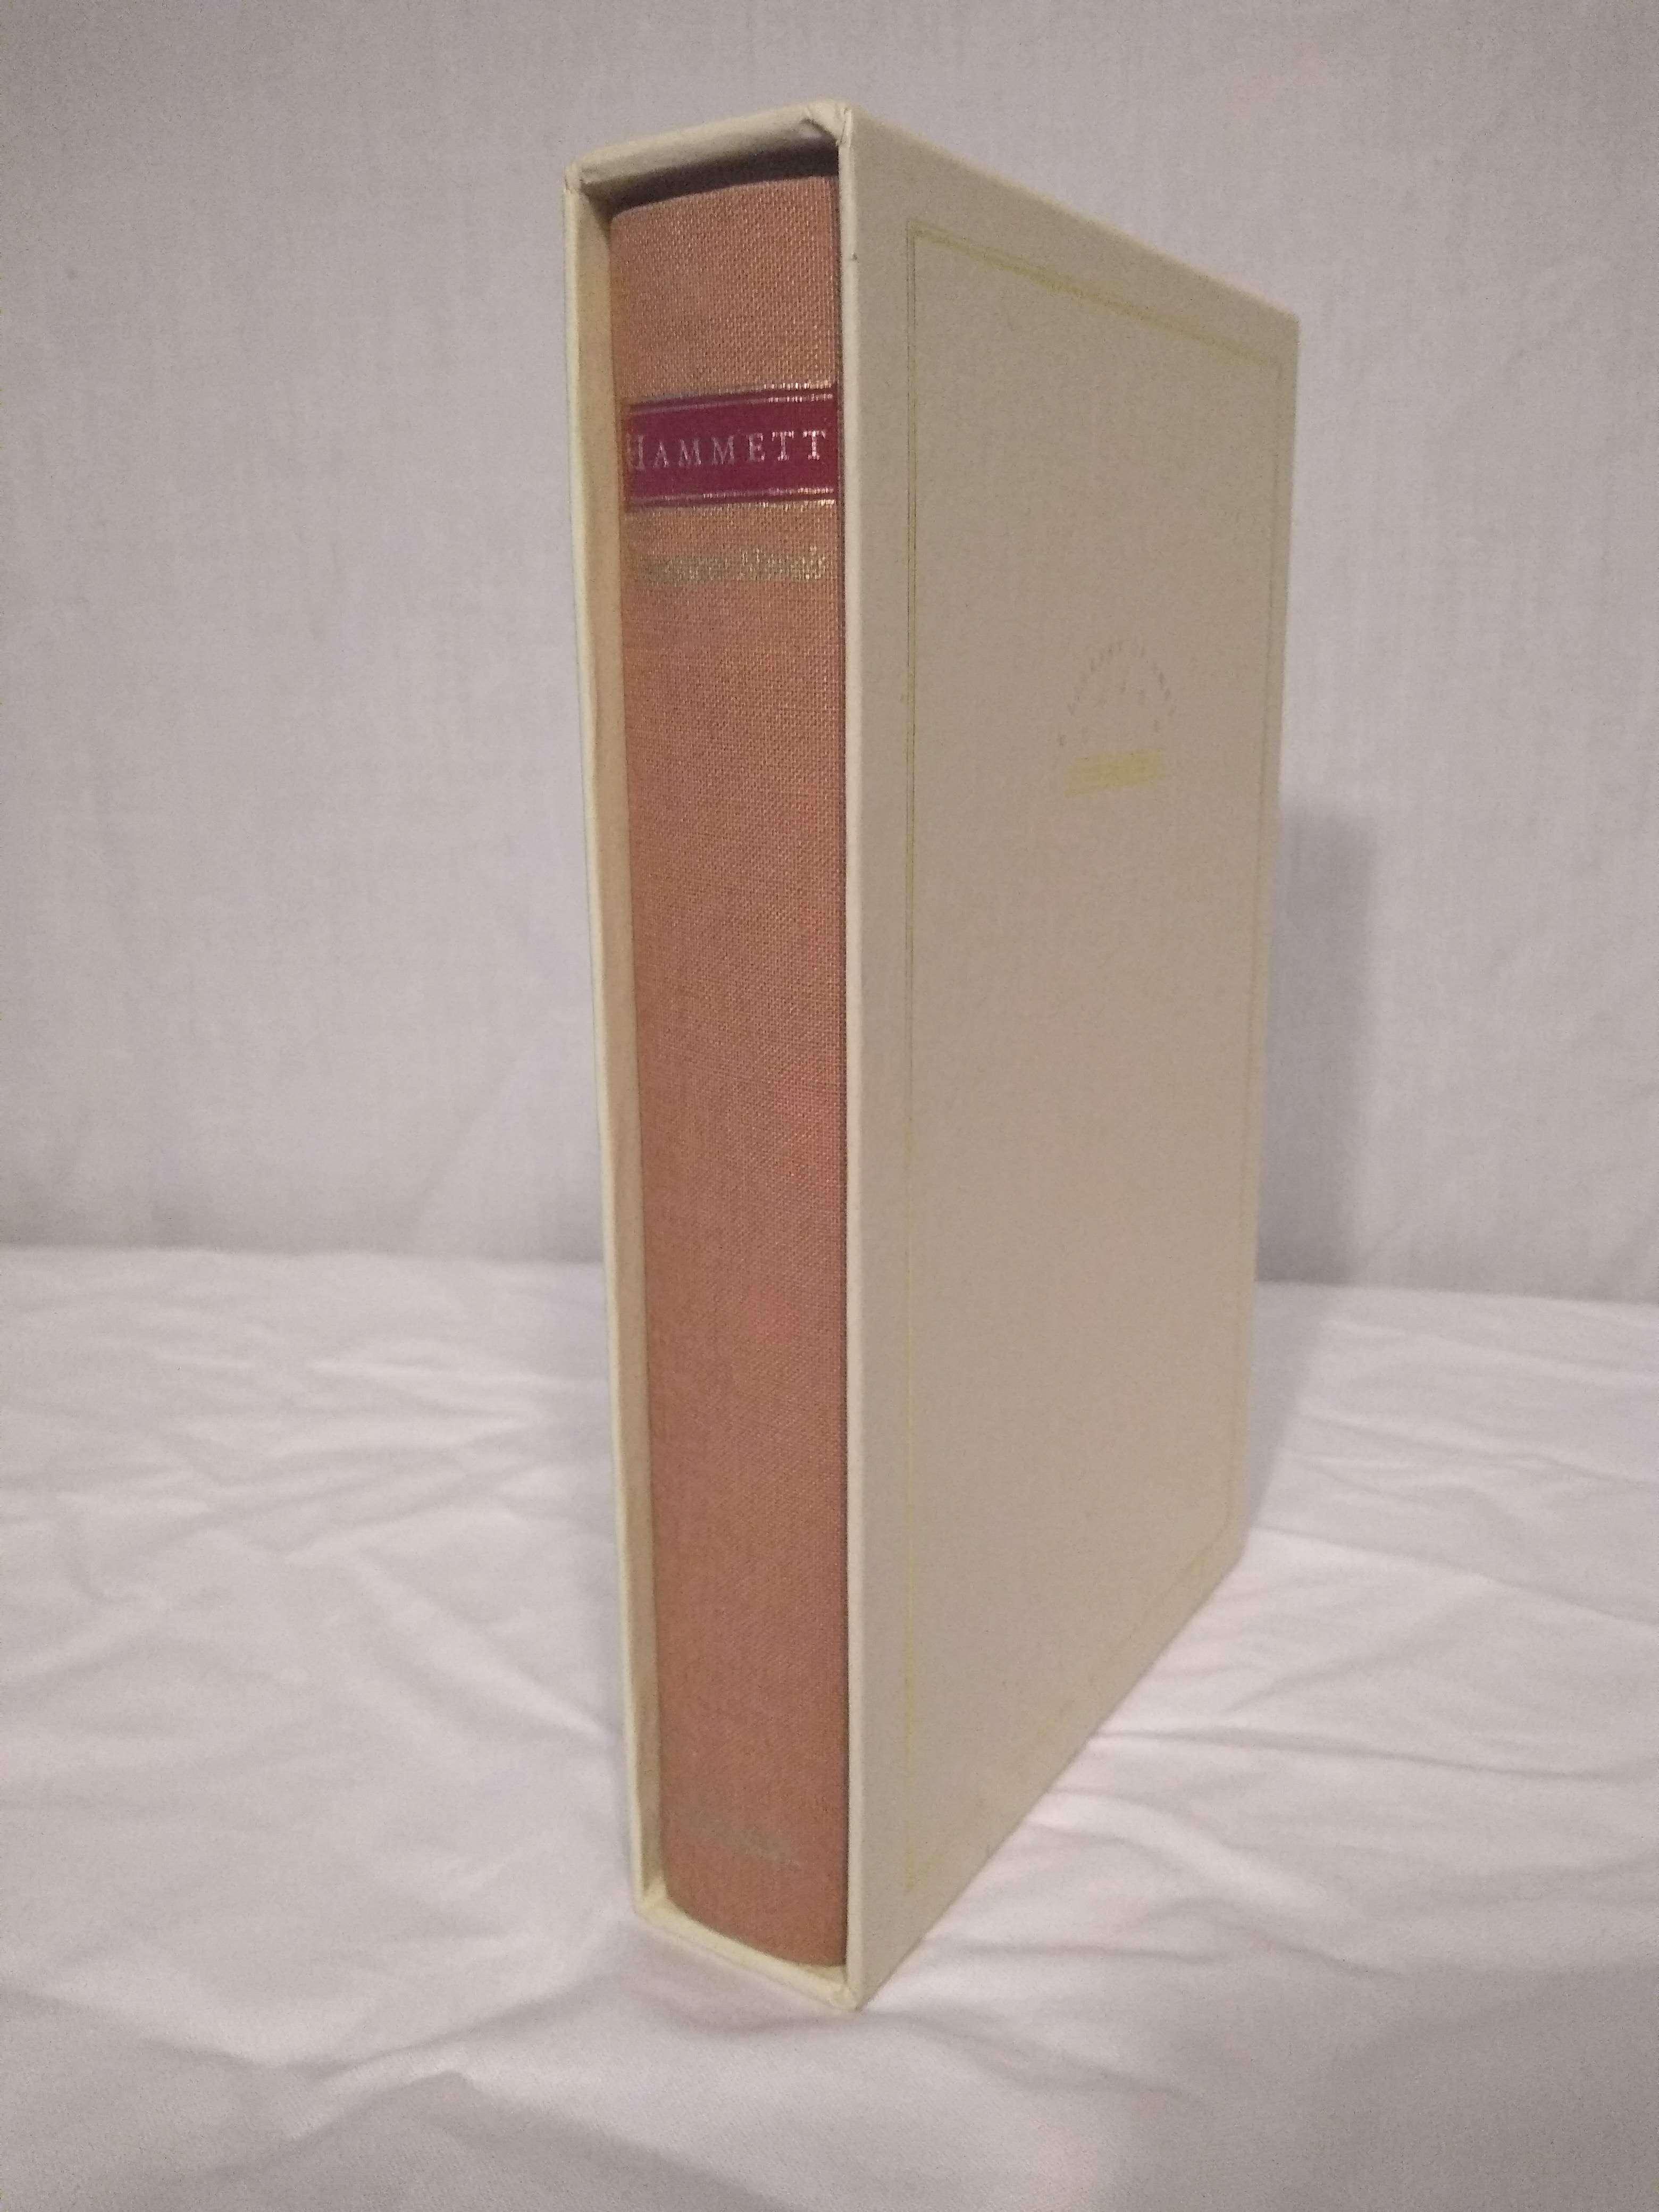 Dashiell Hammett: Complete Novels ( Red Harvest / The Dain Curse / The Maltese Falcon / The Glass Key / The Thin Man ), Dashiell Hammett